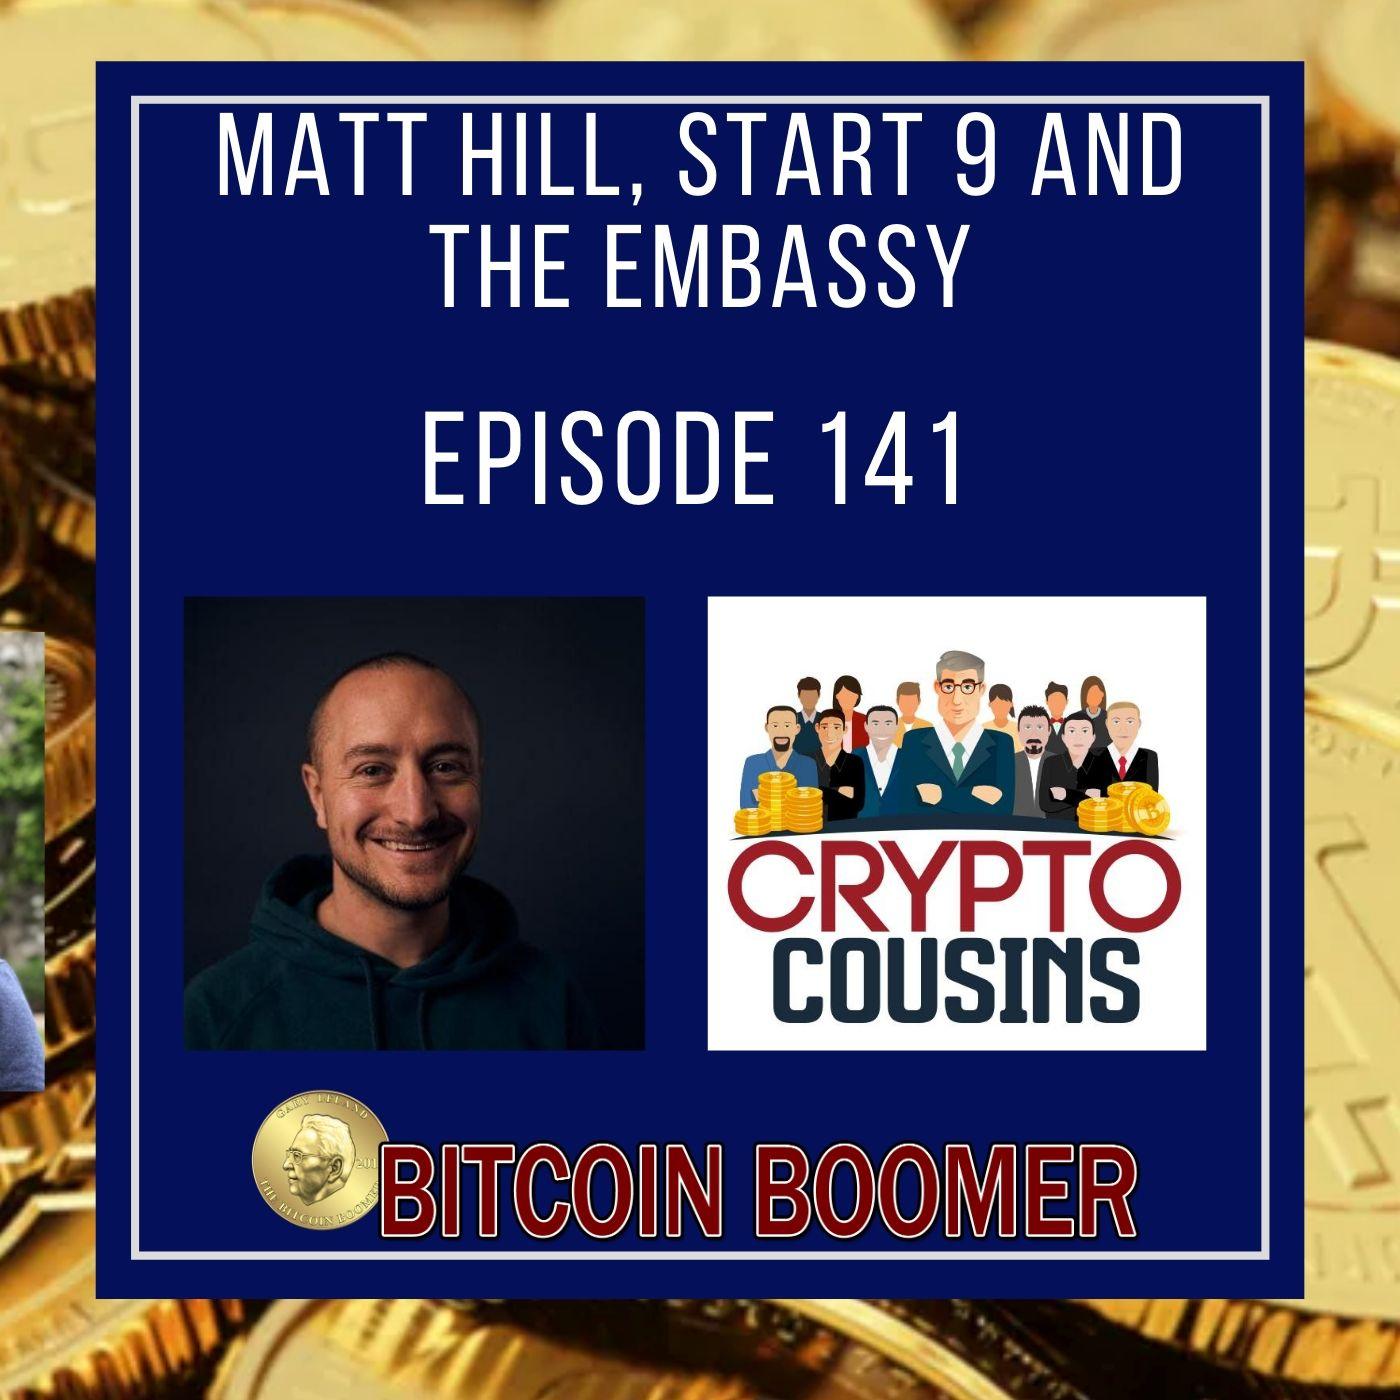 Matt Hill & The Start 9 Embassy